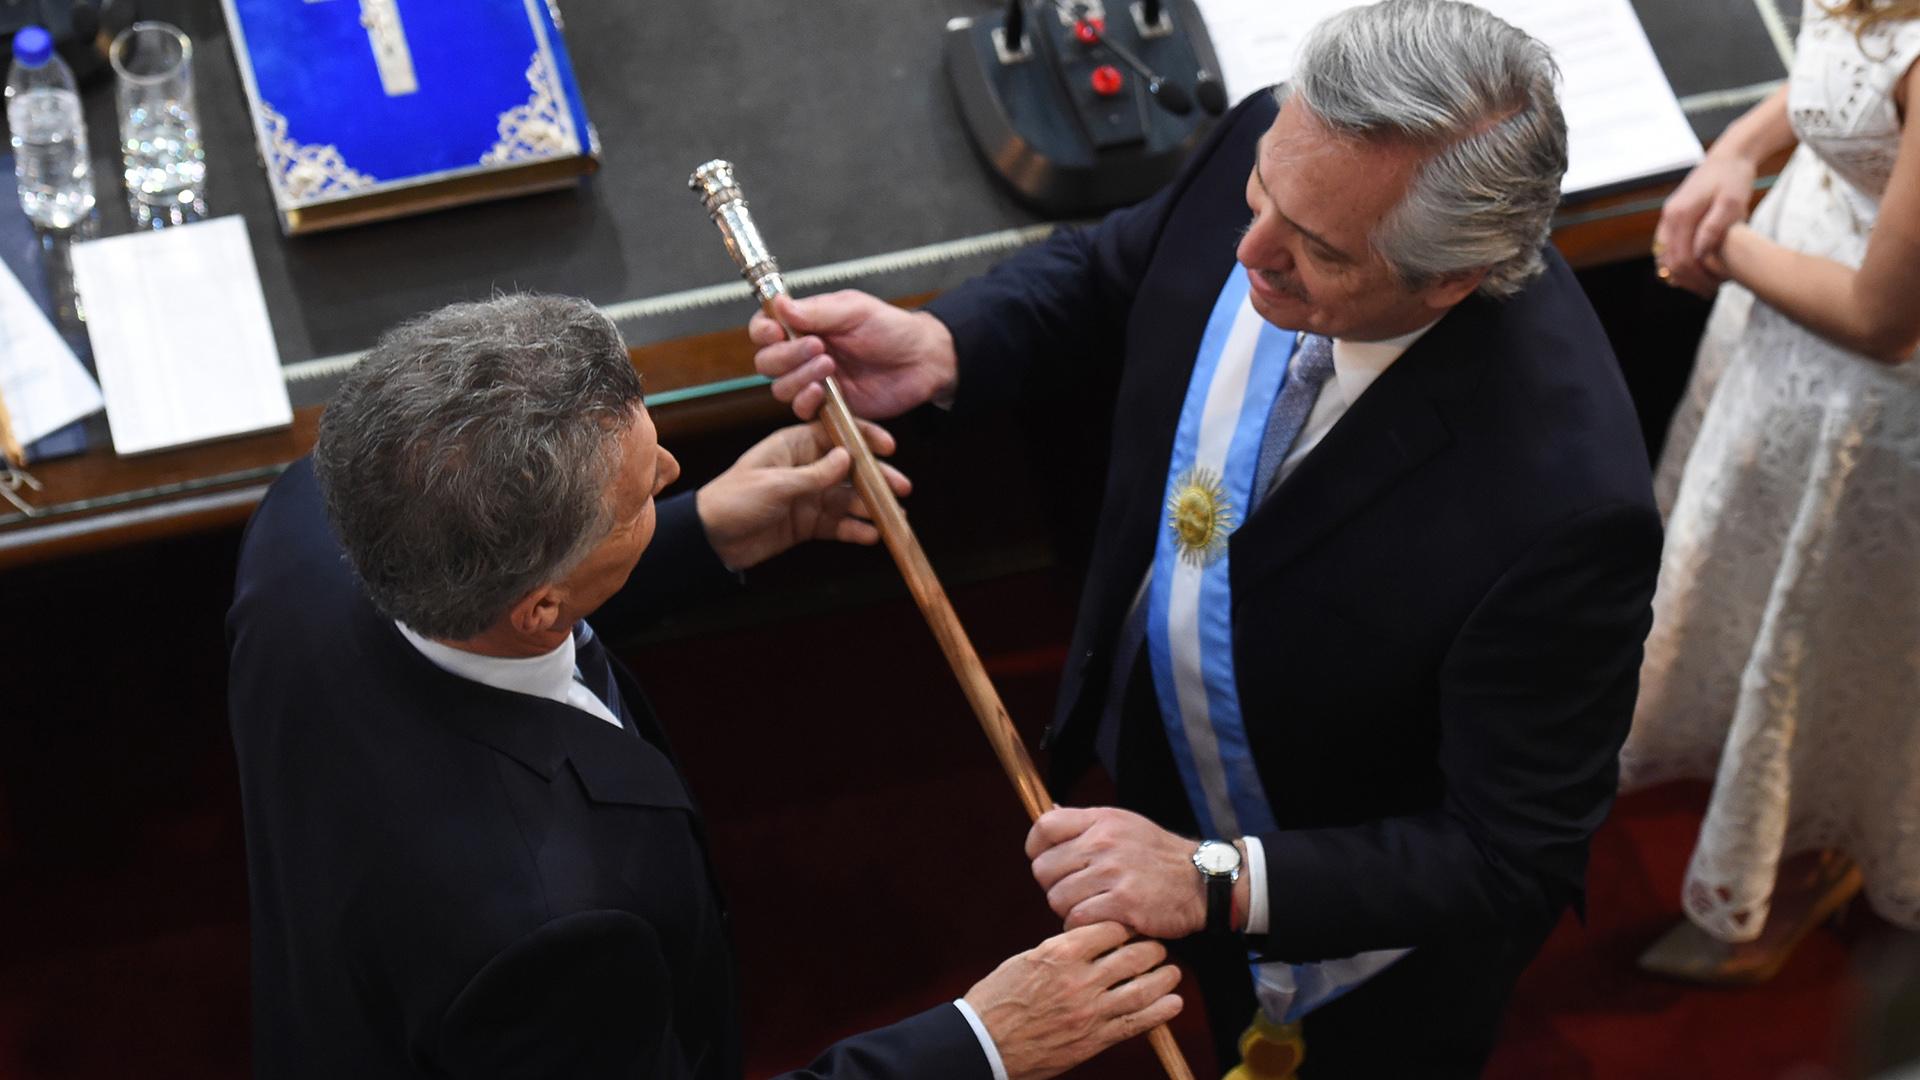 El traspaso presidencial se hizo en el Congreso. Aquí, Mauricio Macri le entrega el bastón presidencial a Alberto Fernández.